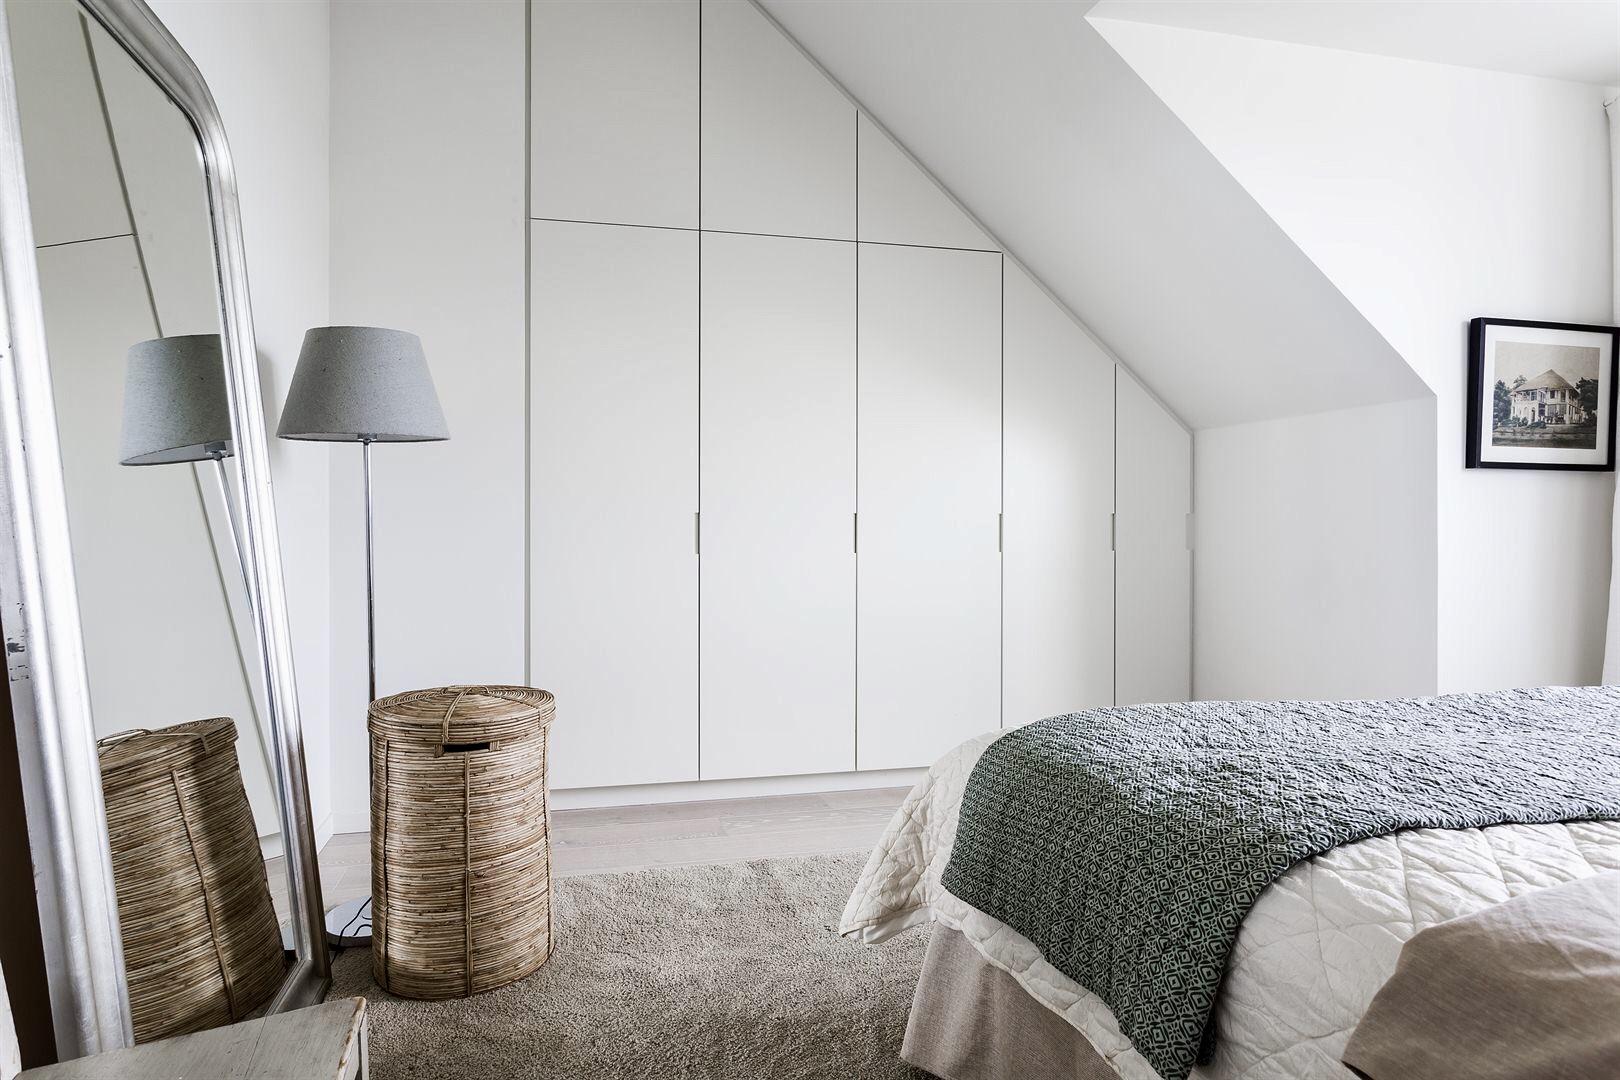 мансарда белые стены светлый пол спальня встроенный шкаф напольное зеркало торшер корзина